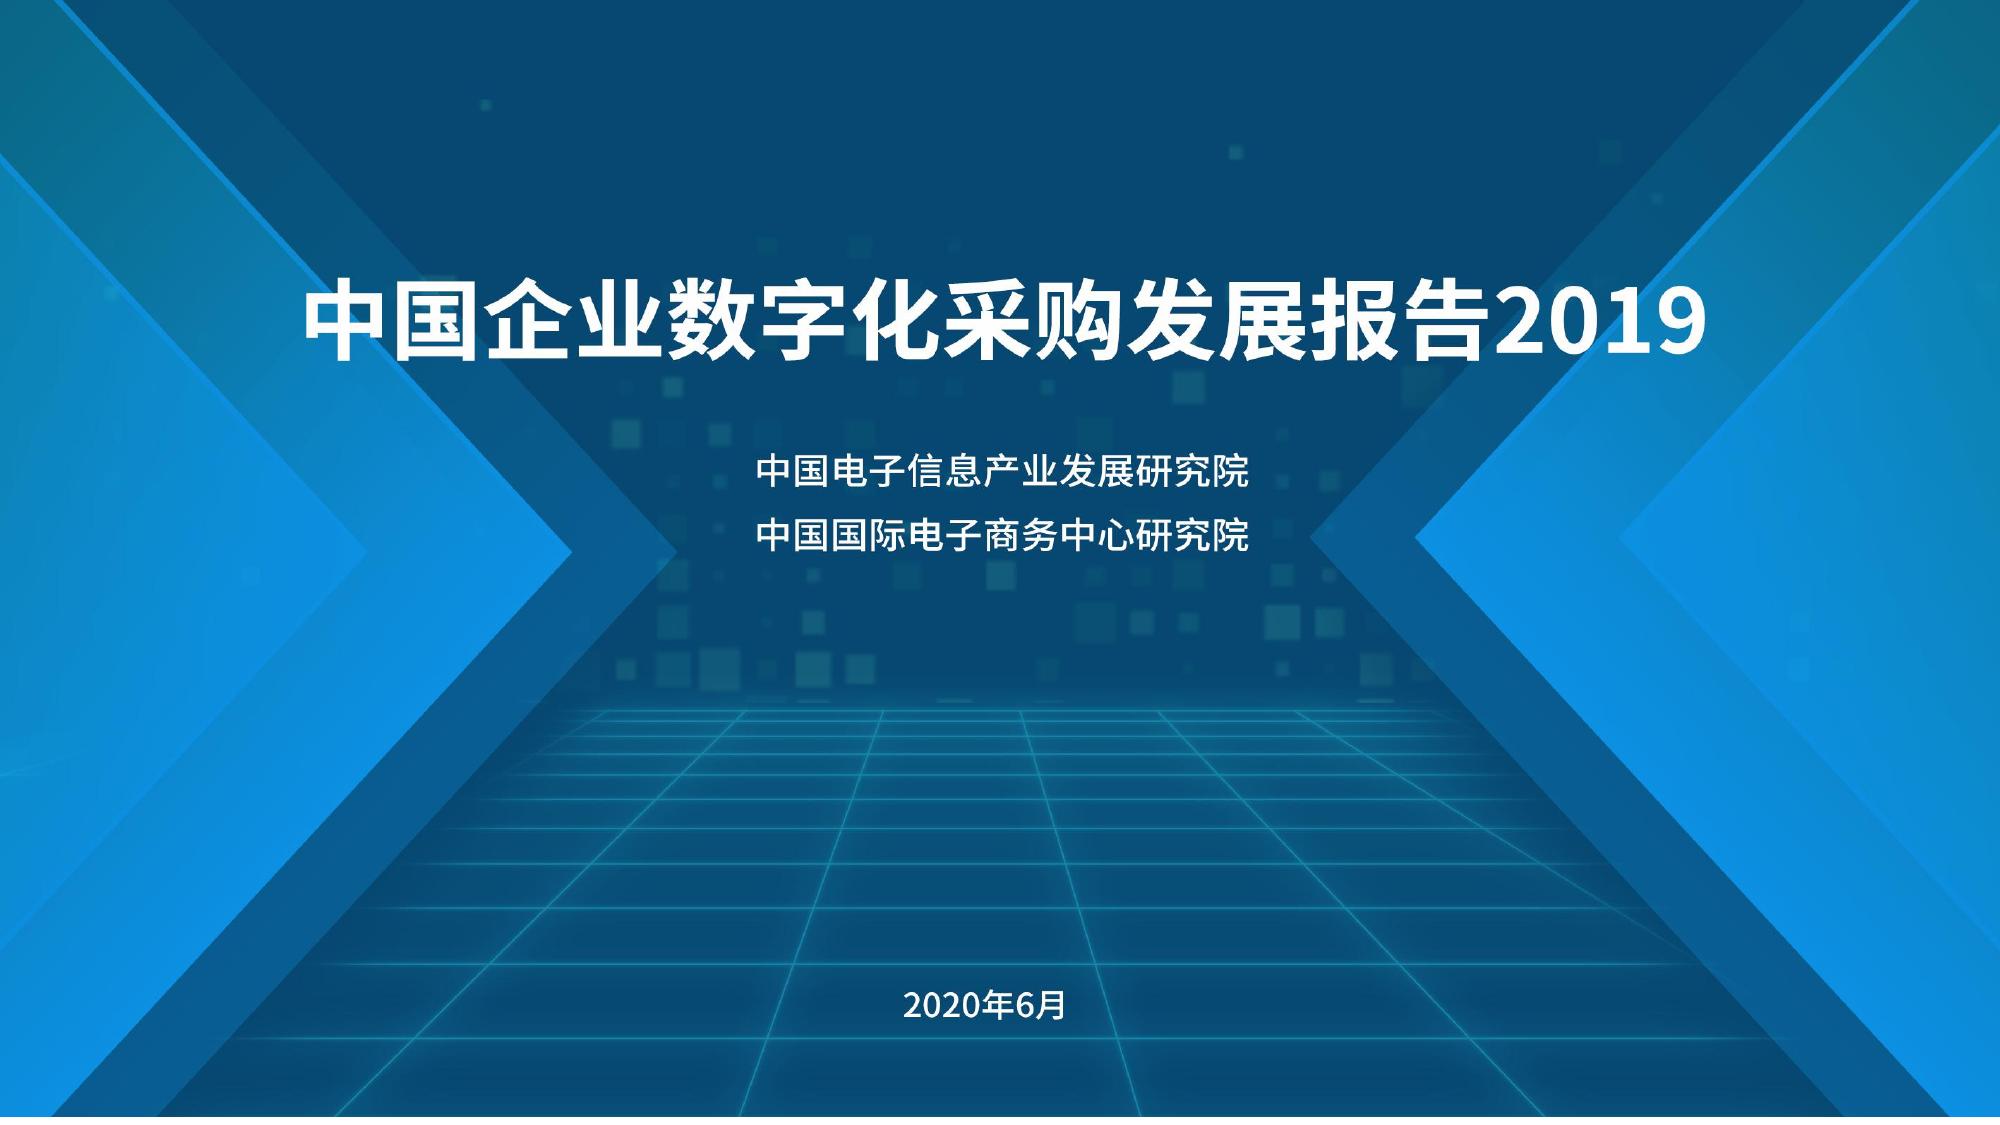 中国电子信息产业发展研究院:2019中国企业数字化采购发展报告